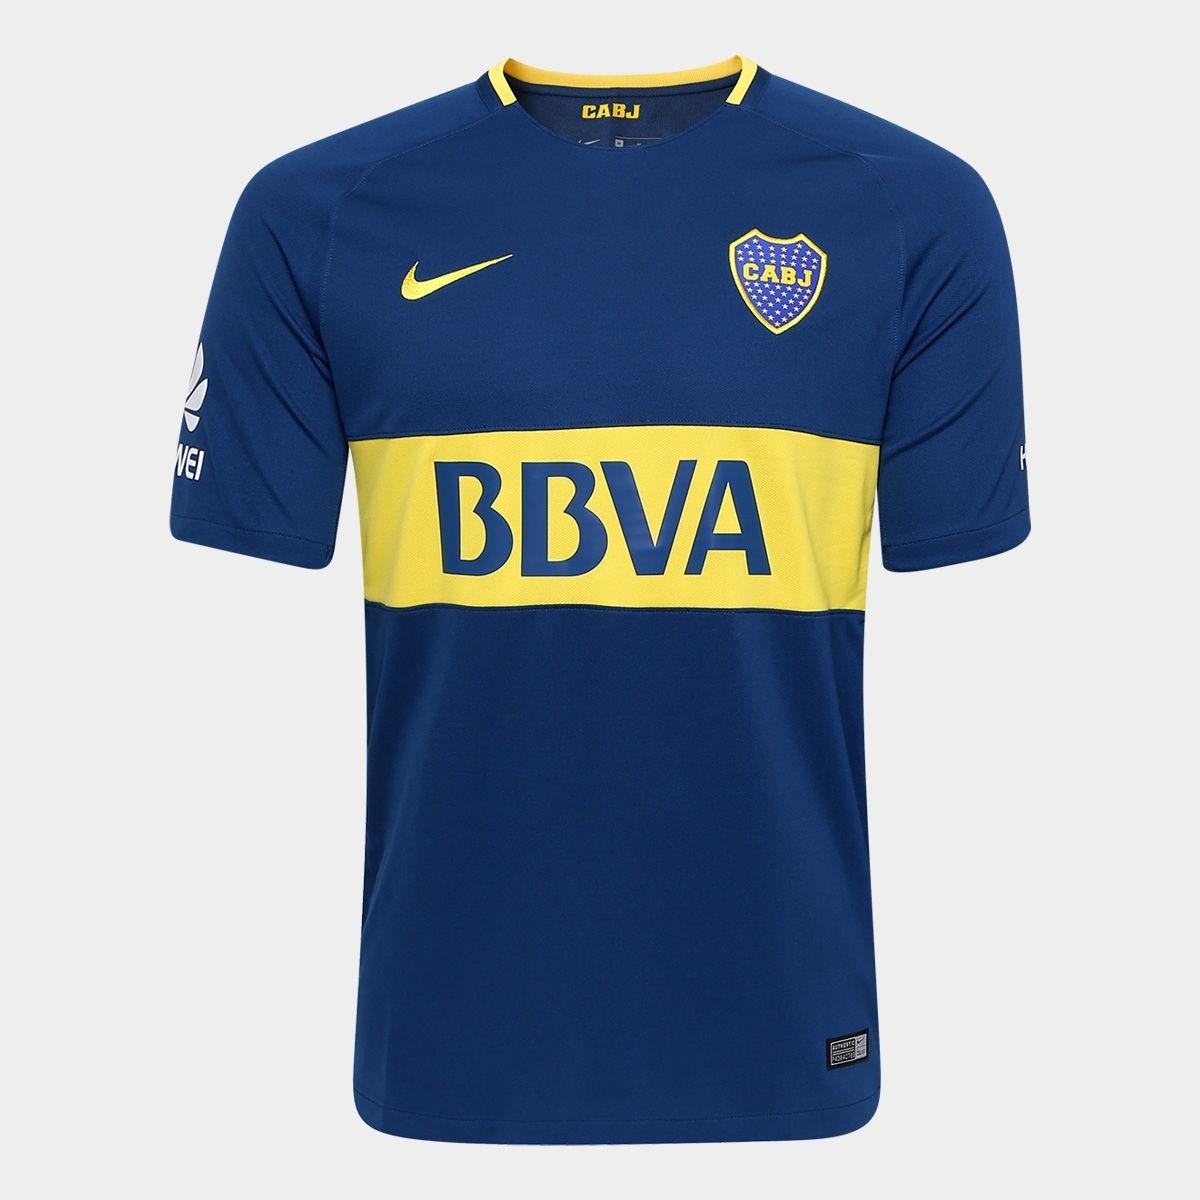 Camisa Nike Boca Juniors Home 2018 S n° - Azul E Amarelo - R  130 acff5c54e77a8